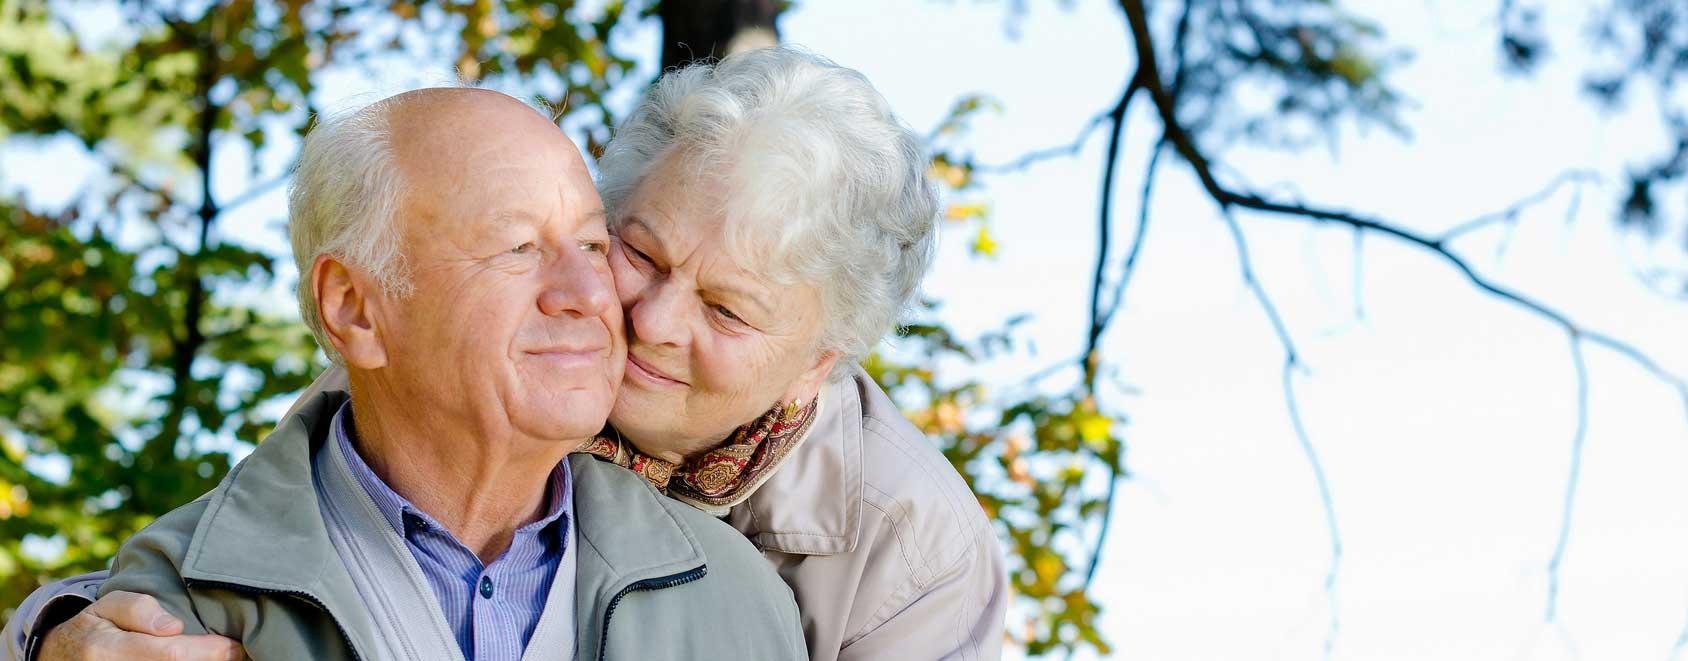 преимущества дома престарелых